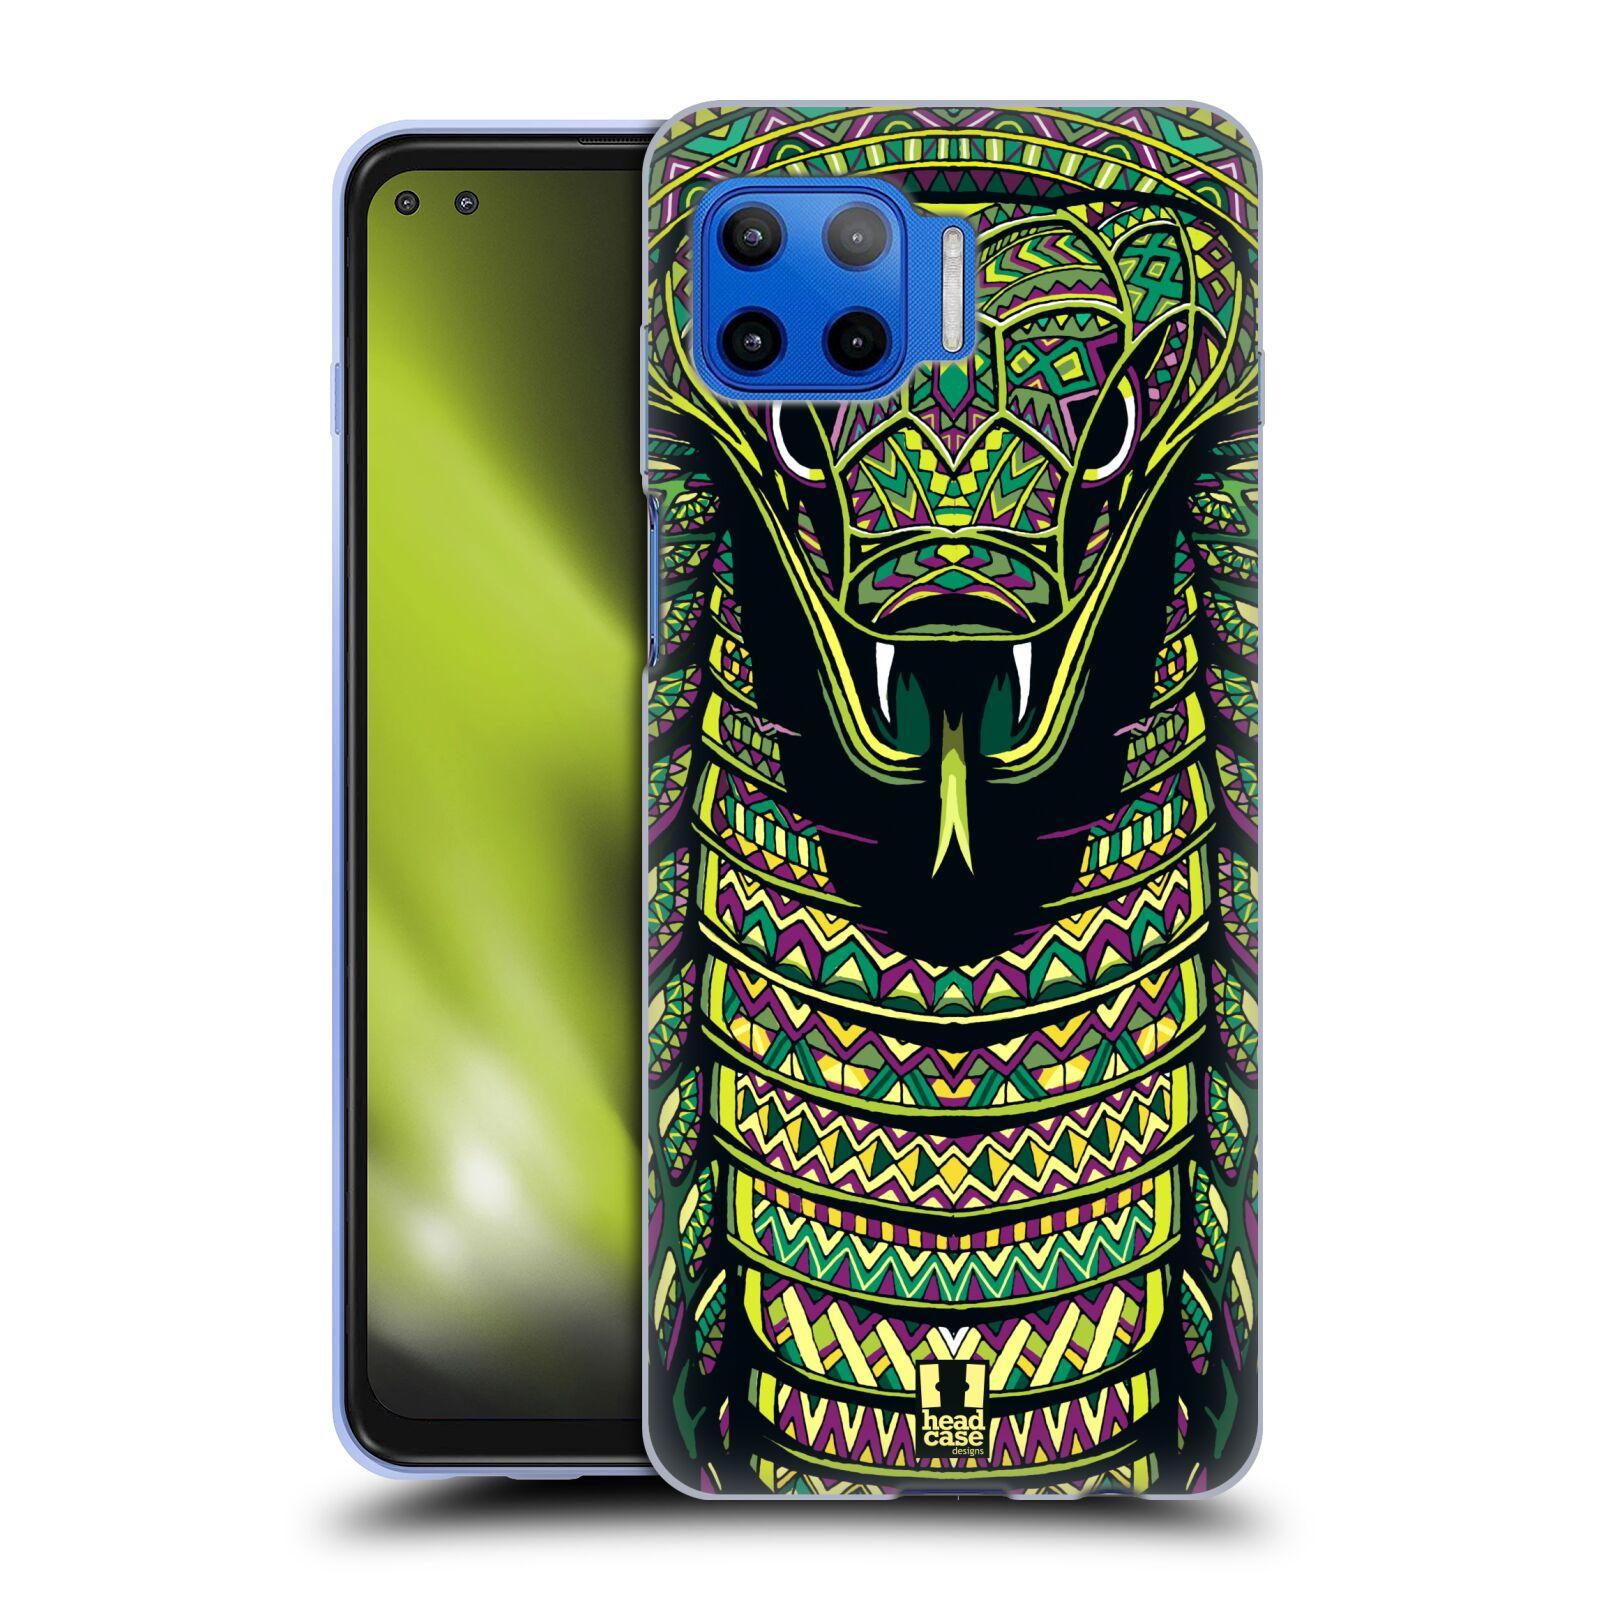 Silikonové pouzdro na mobil Motorola Moto G 5G Plus - Head Case - AZTEC HAD